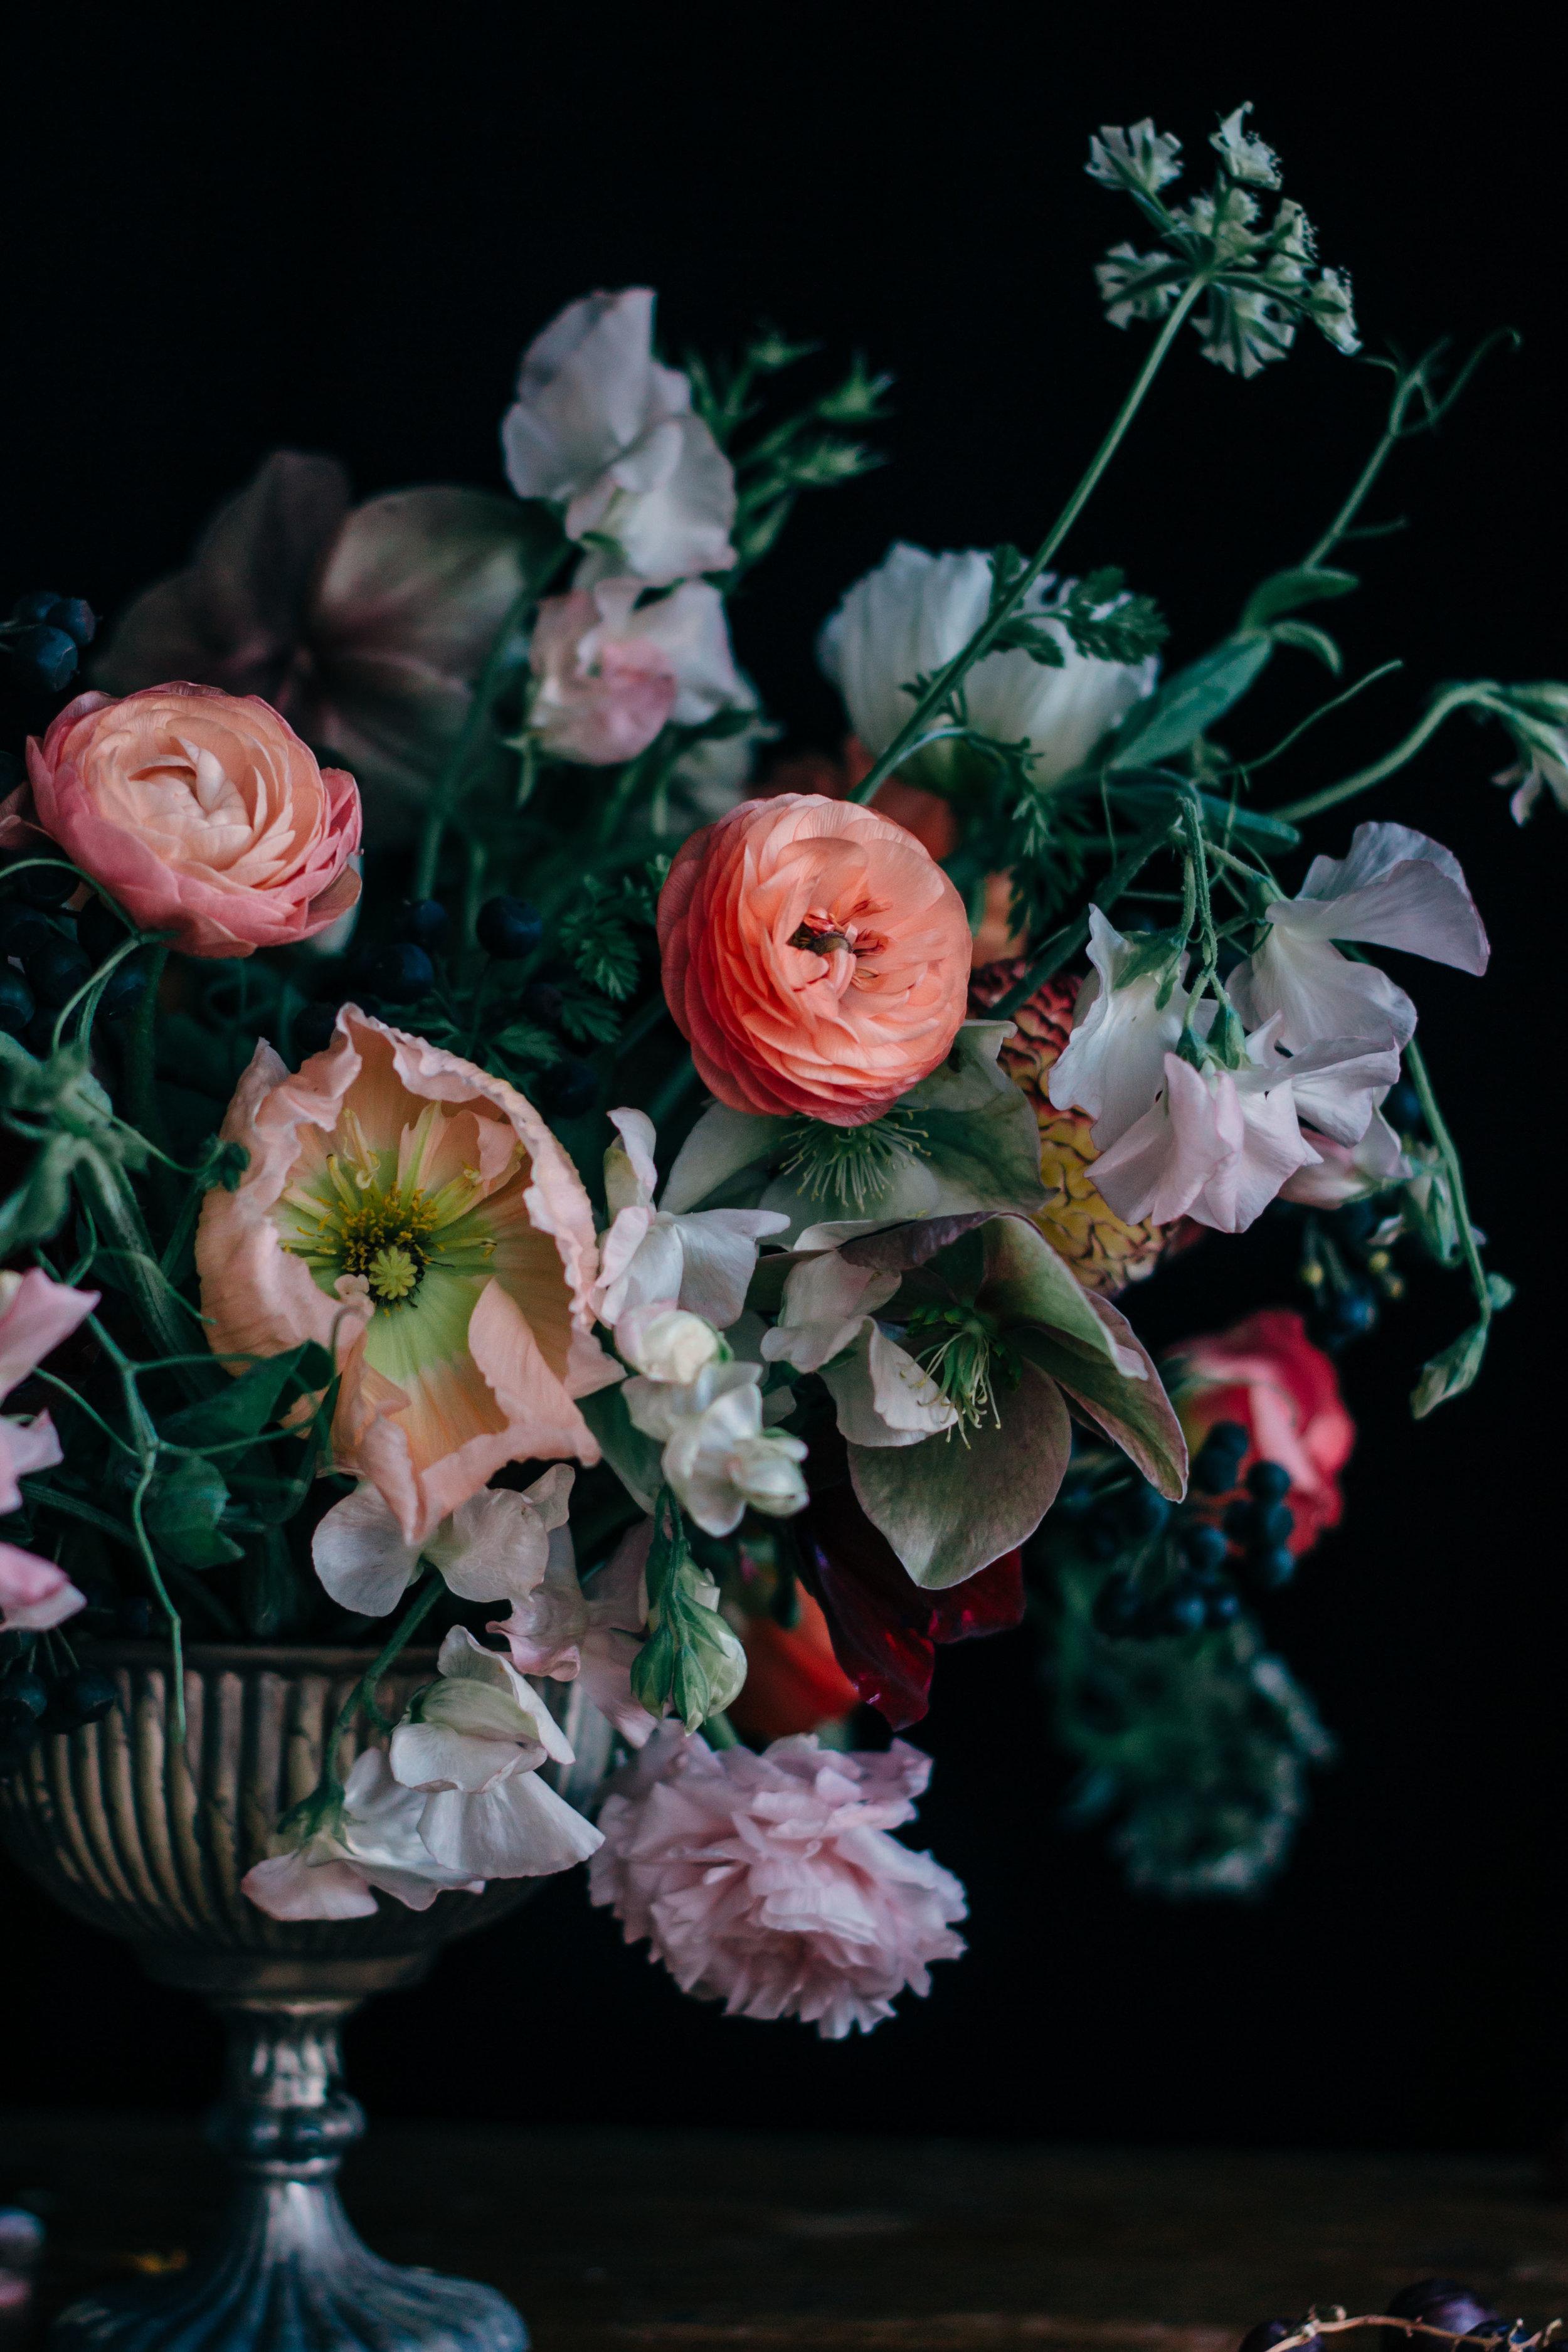 gallery 2672 fleurs (2 of 2).jpg